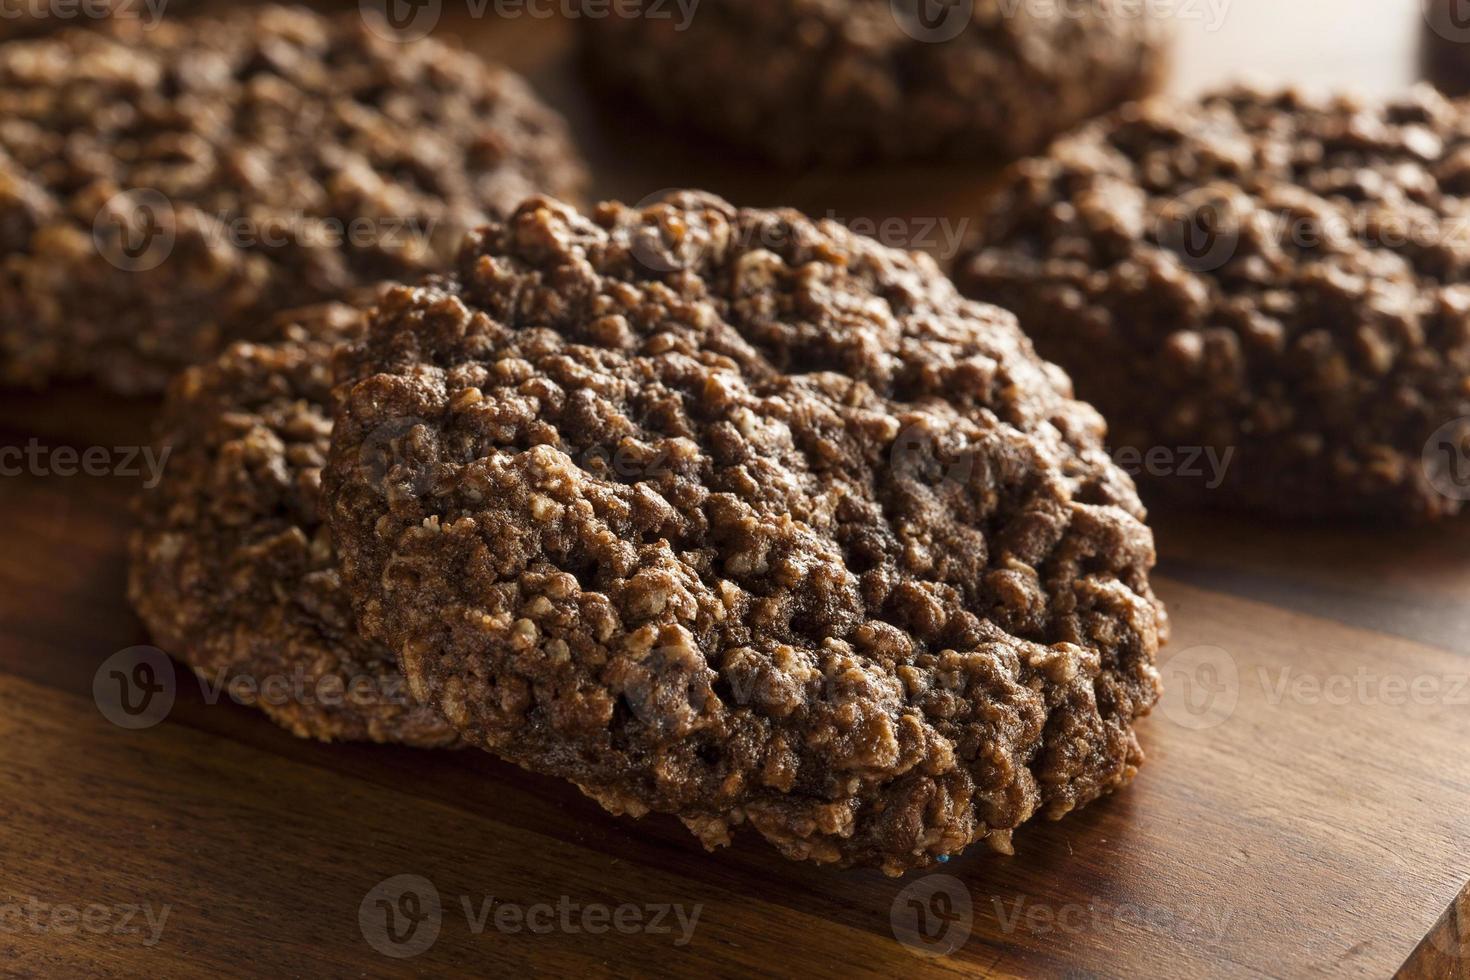 biscoitos de aveia com gotas de chocolate foto